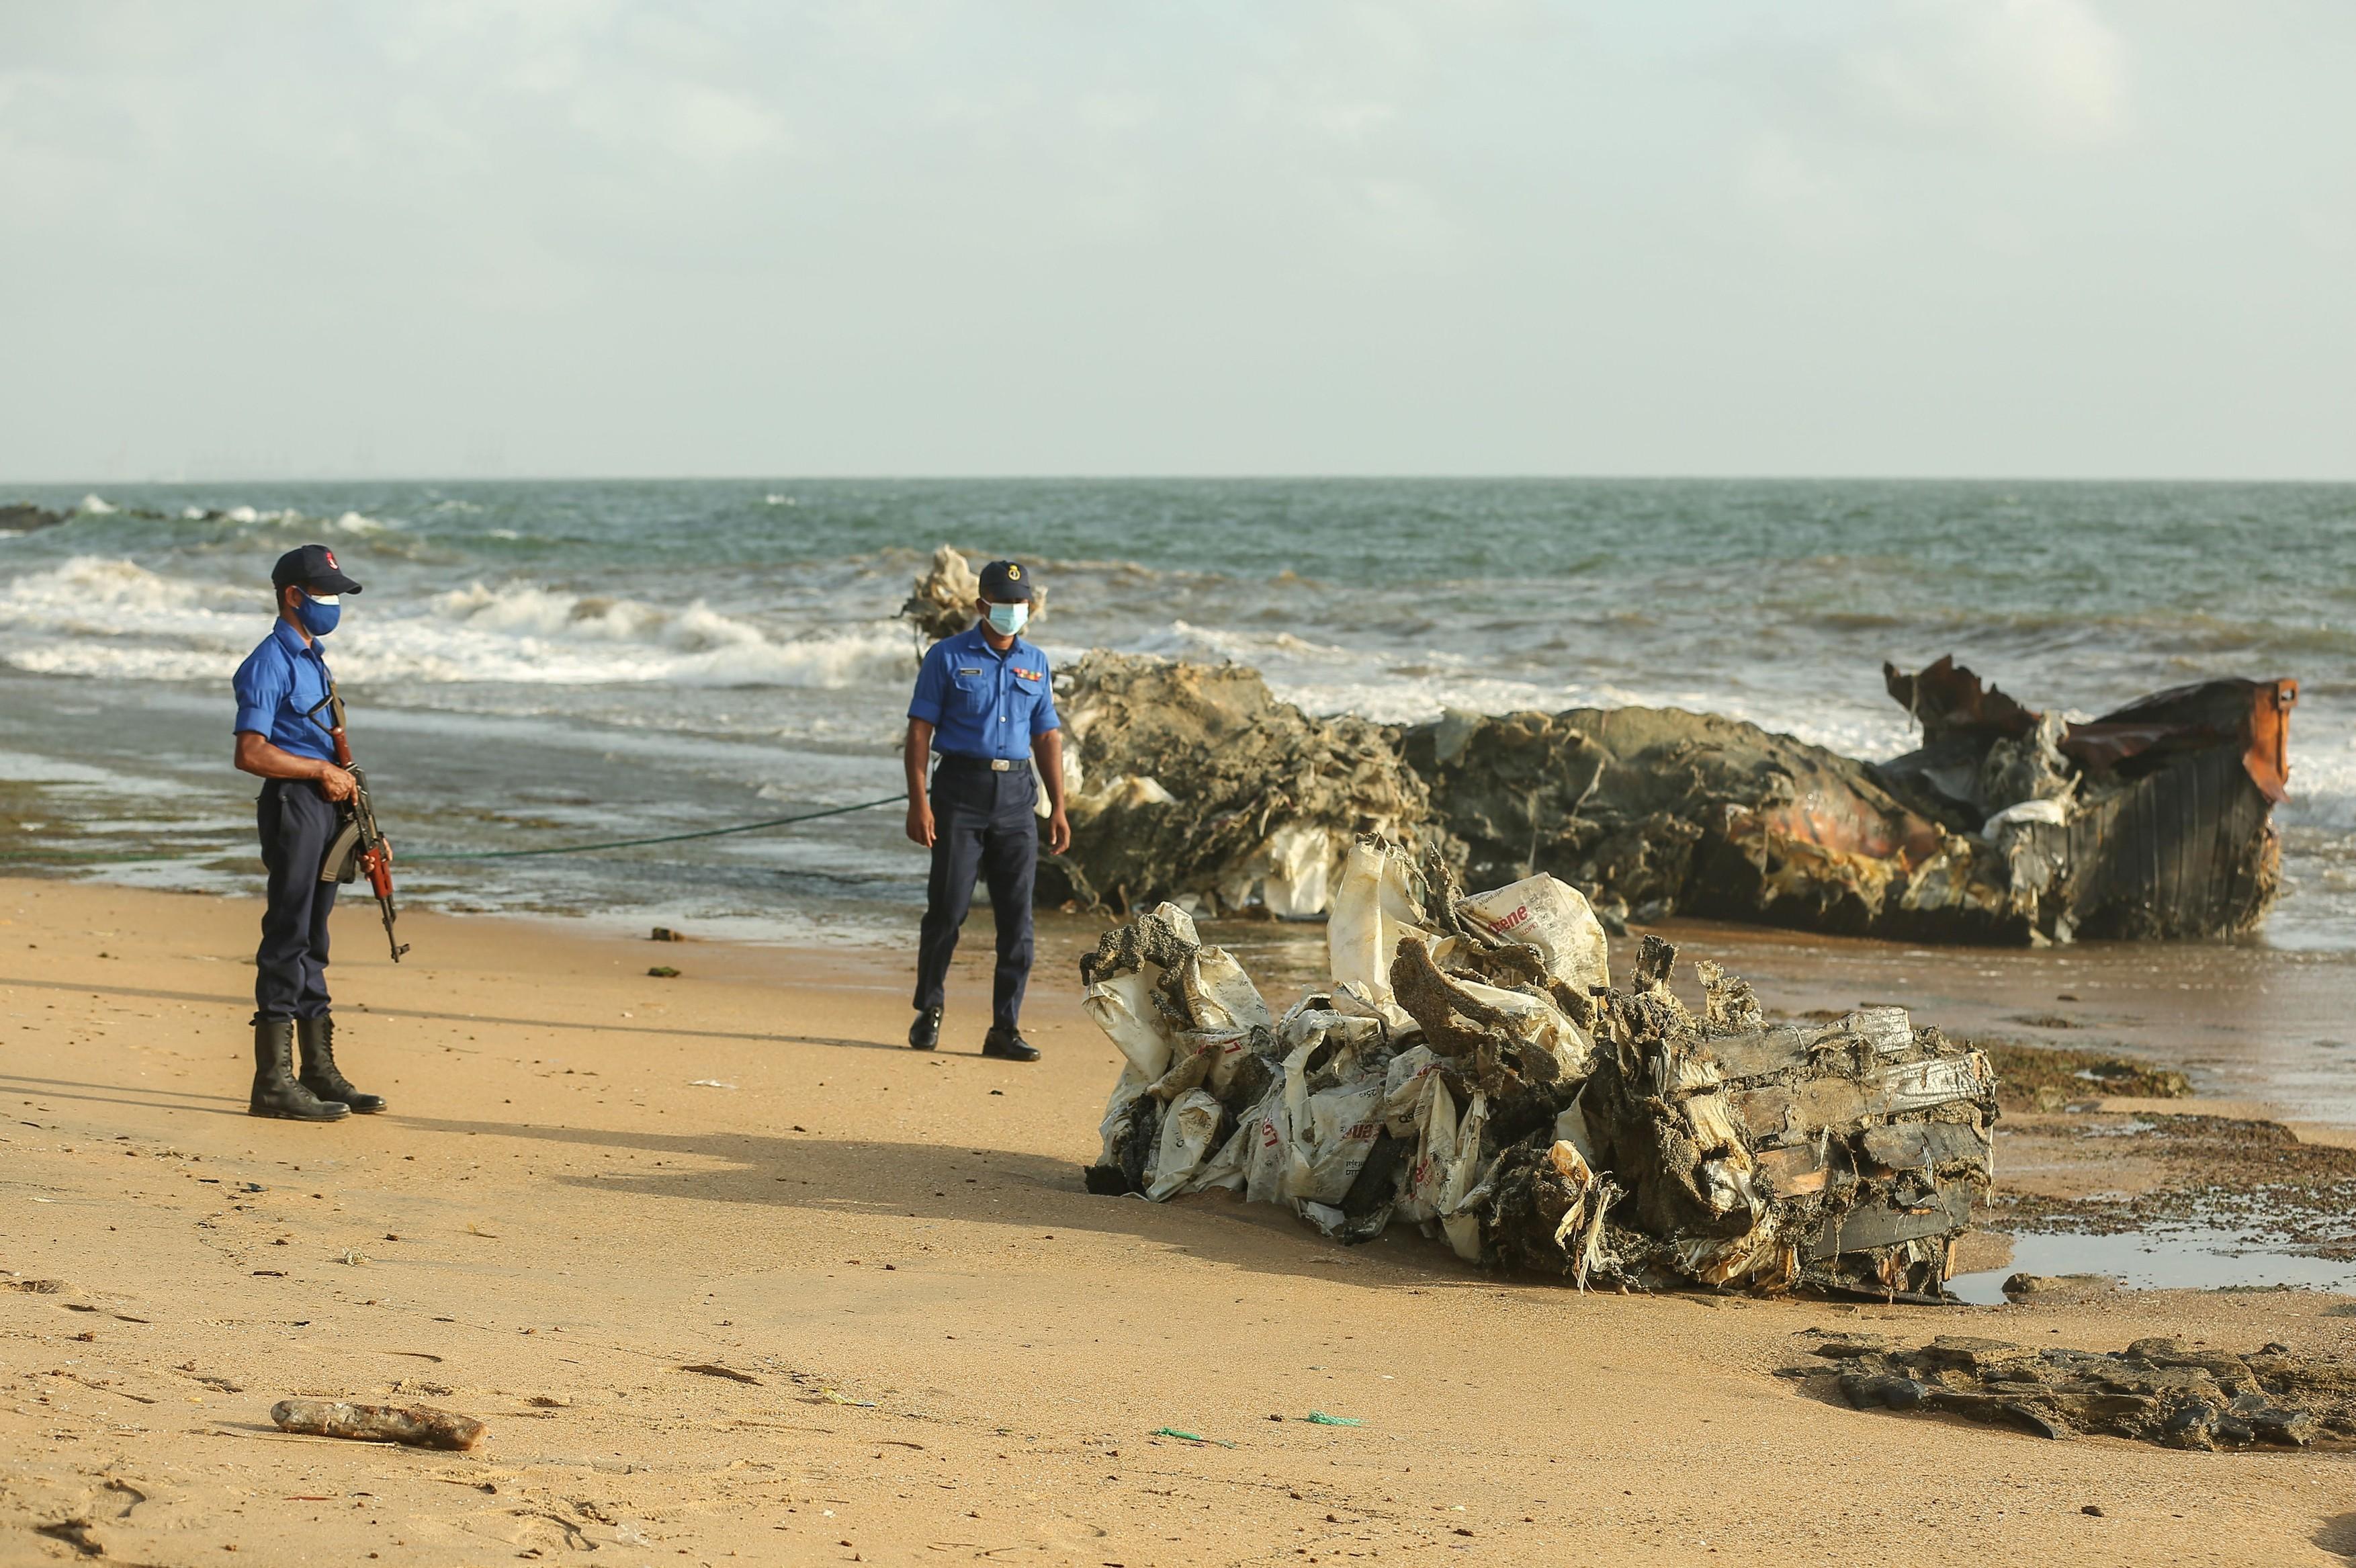 Debris of the container ship X-Press Pearl, Colombo, Sri Lanka - 20 Jun 2021